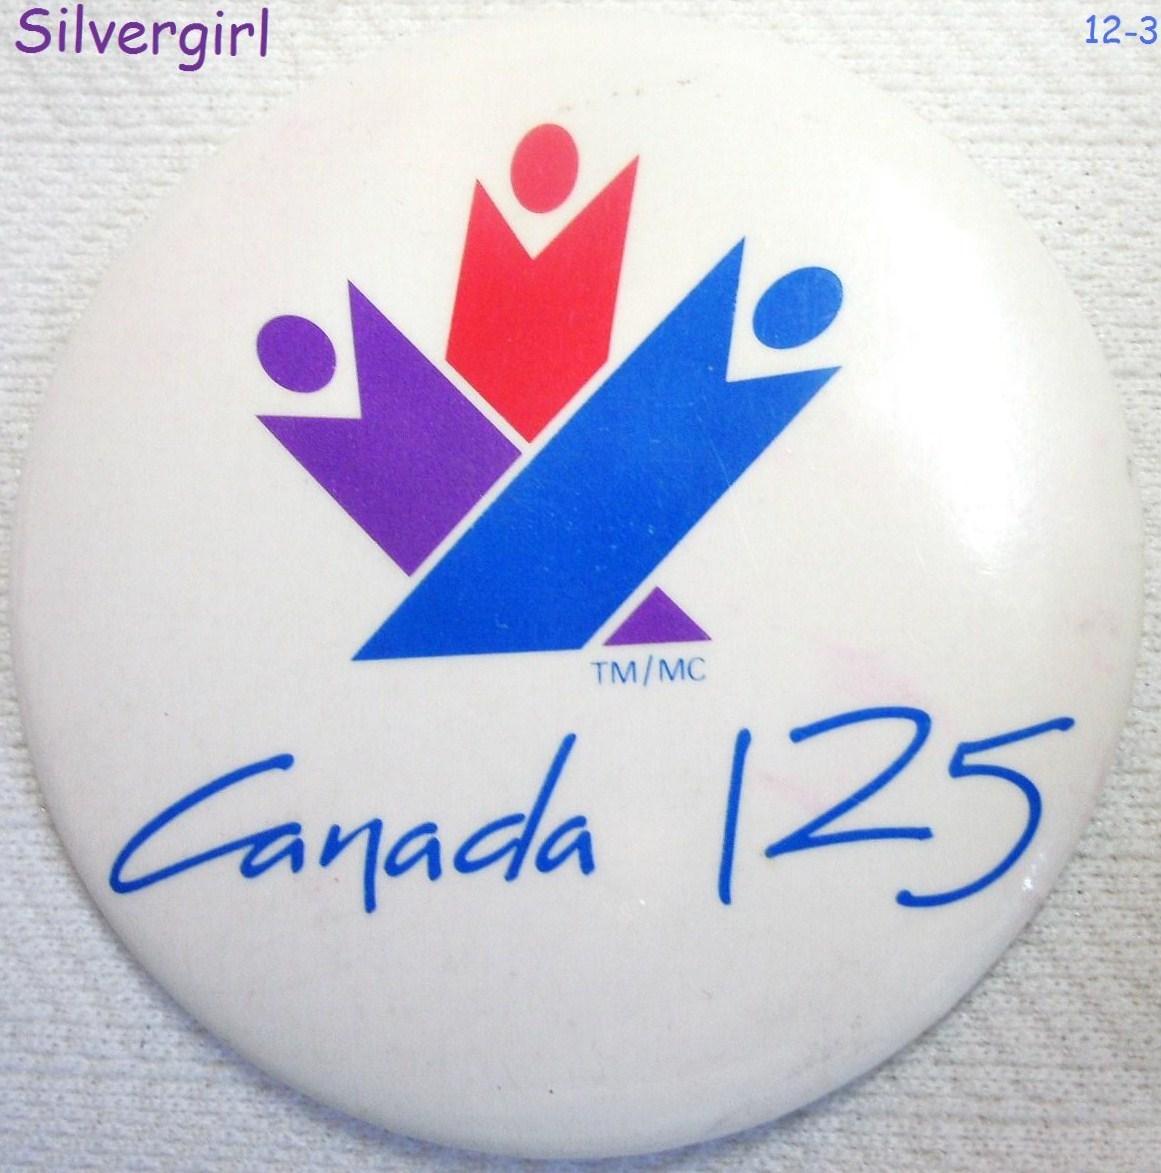 Canada 125th year pinback 2